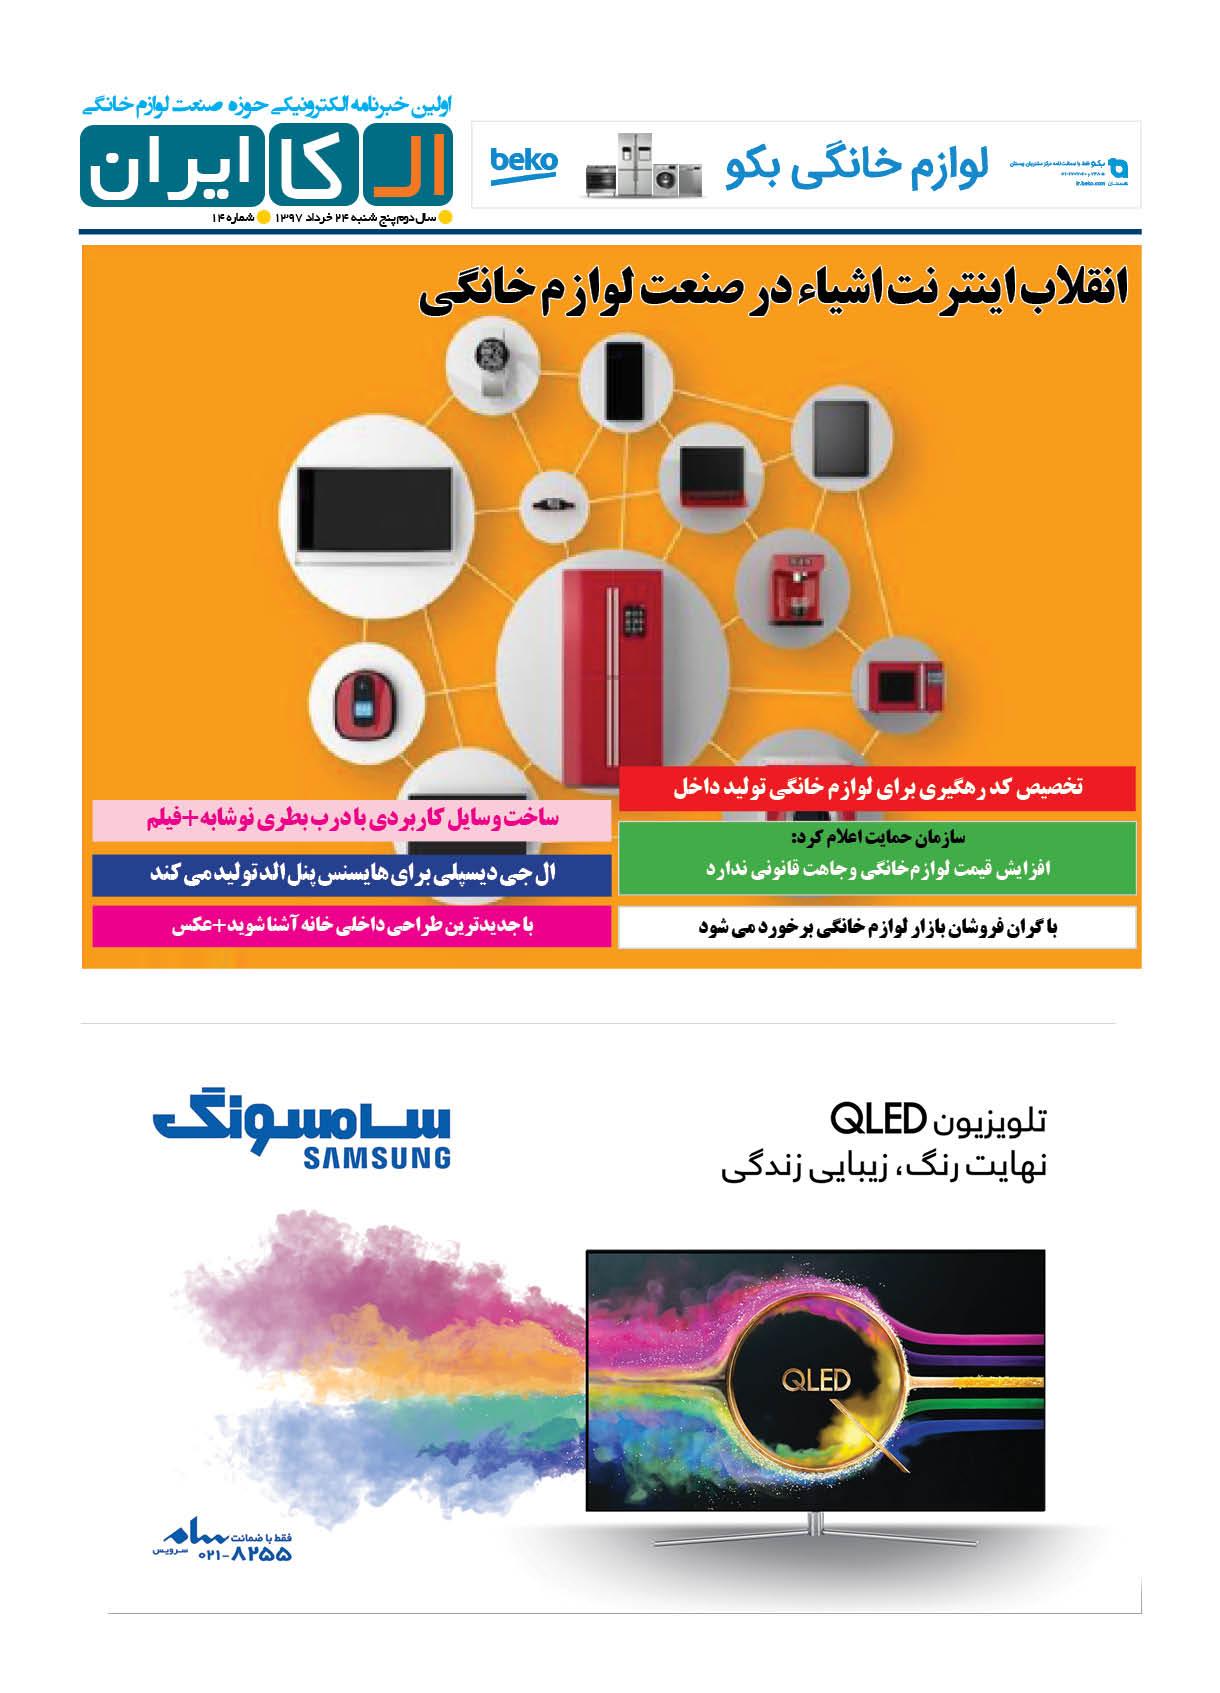 شماره 14خبرنامه الکترونیکی صنعت لوازم خانگی ایران منتشر شد